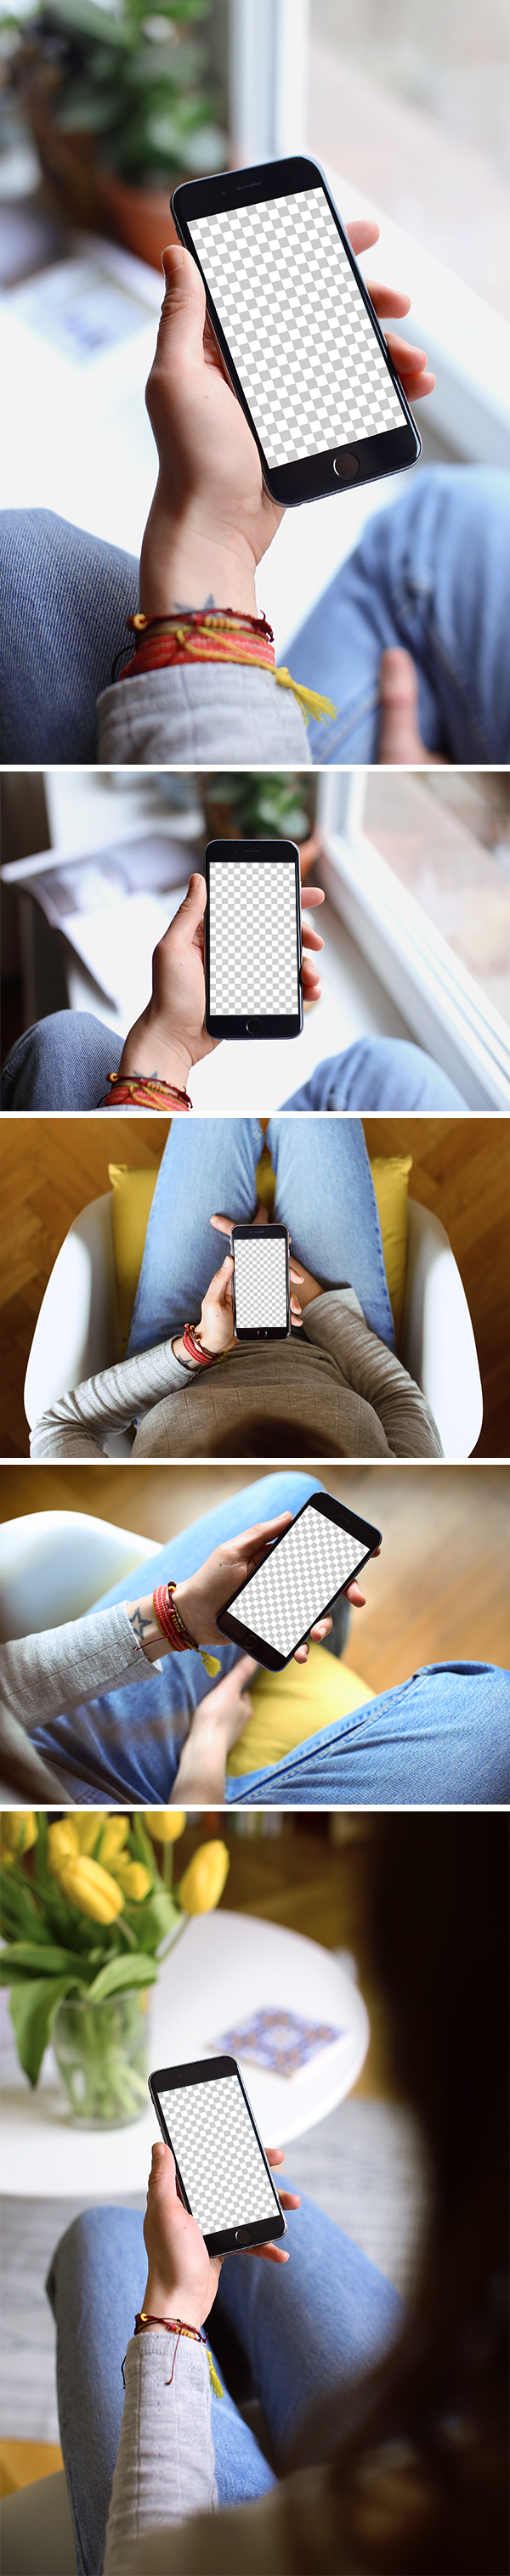 Download 5 PSD MockUps iPhone 6 trong bàn tay - Tạp Chí Designer Việt Nam